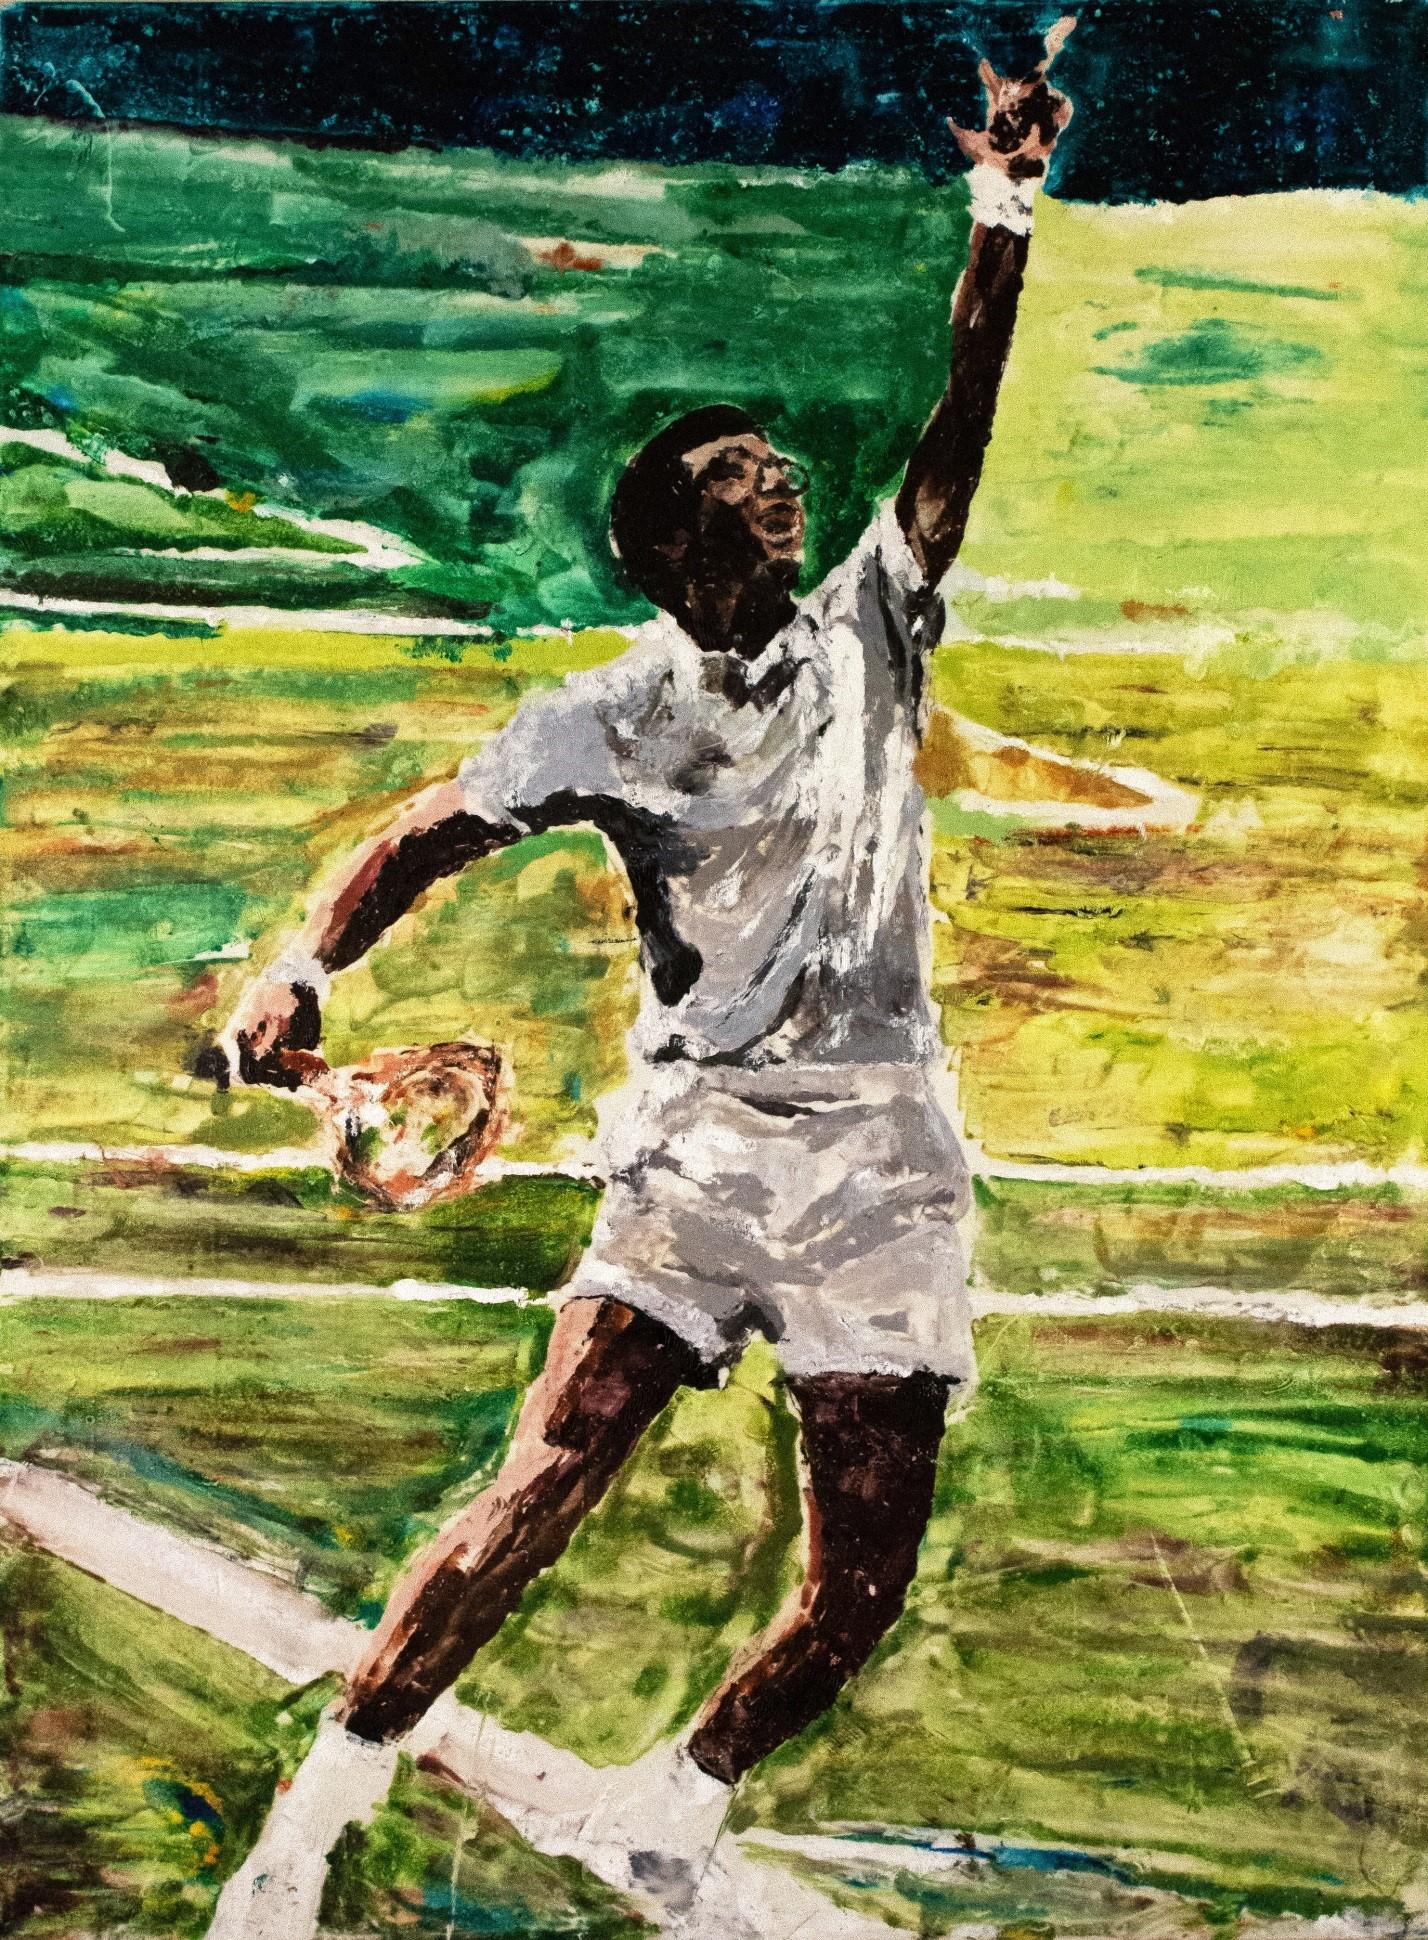 Arthur Ashe, 1968 US Open Champion